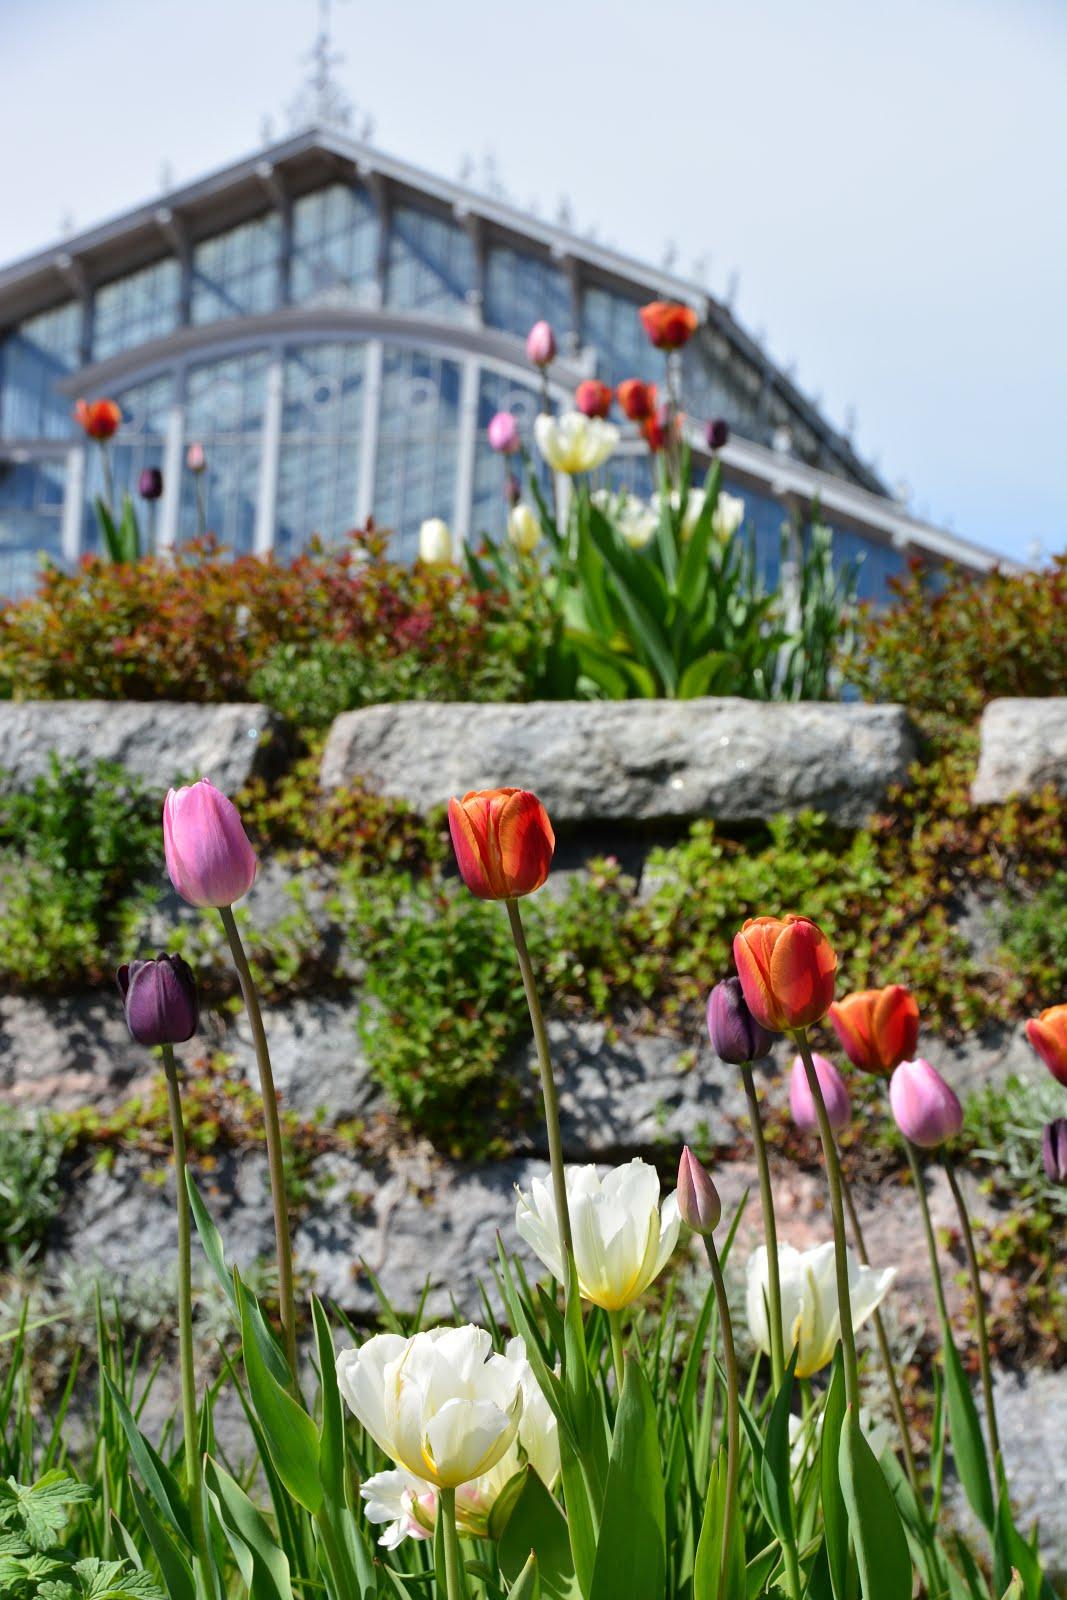 Etsitkö kotimaista puutarhamatkailukohdetta - tai tiedätkö kivan sellaisen?